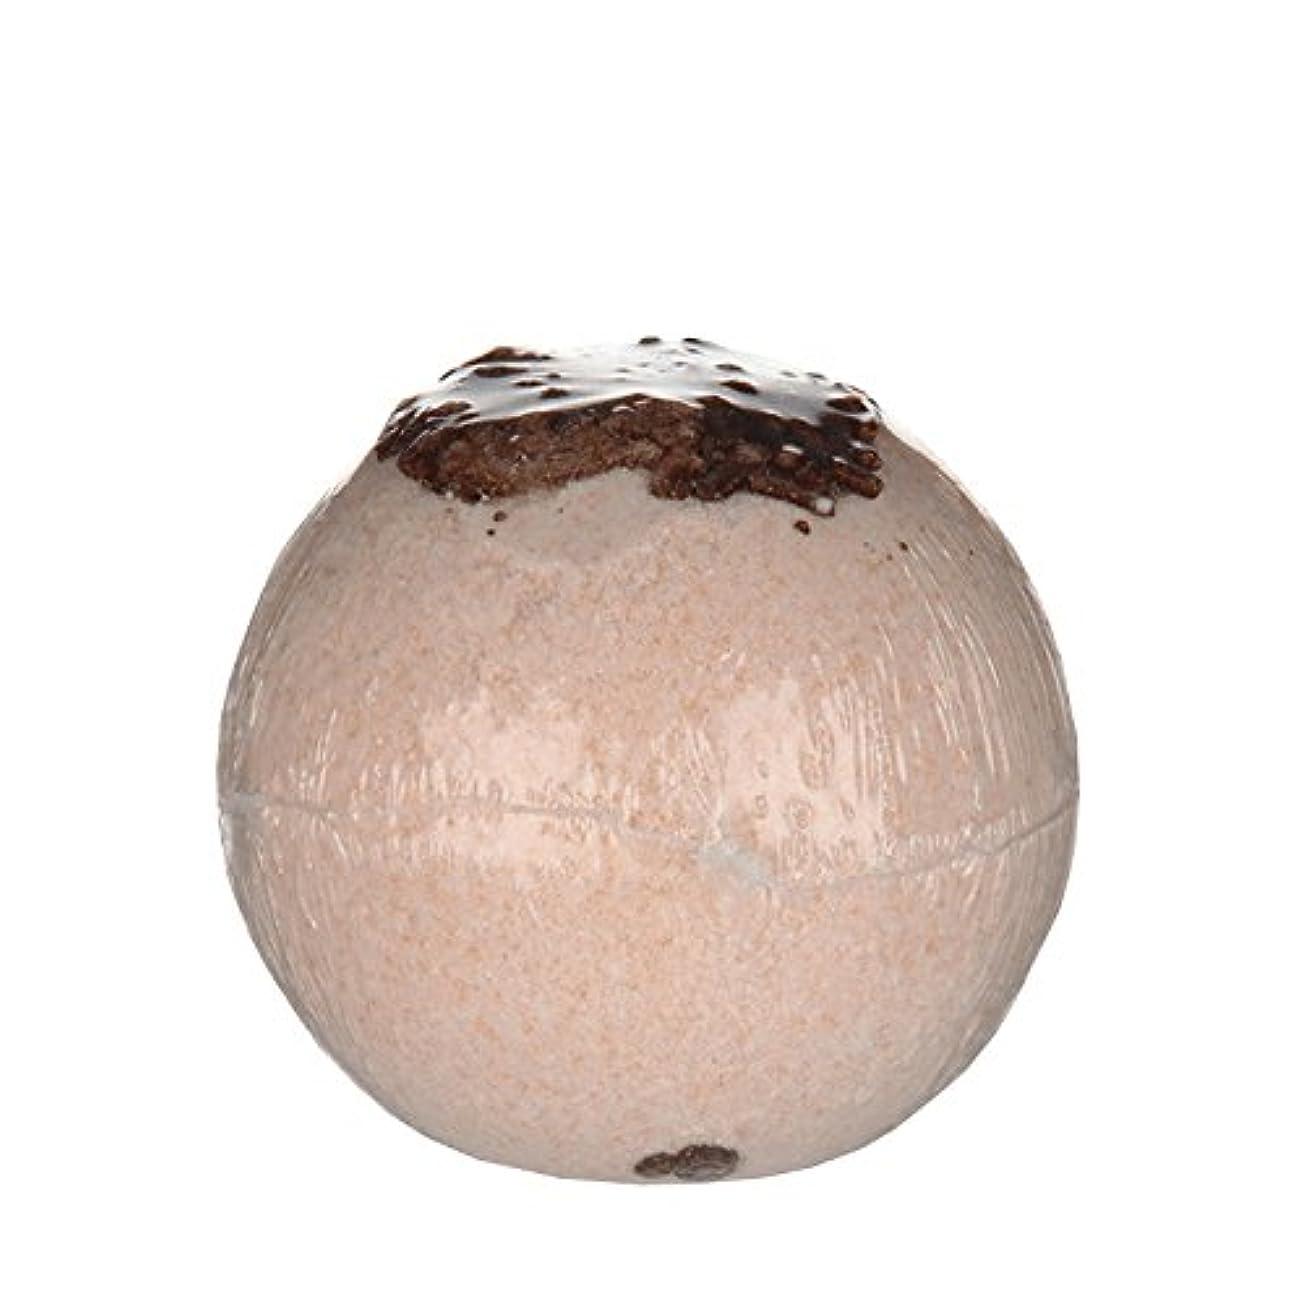 バウンド豊かにするアマチュアTreetsバスボールココナッツチョコレート170グラム - Treets Bath Ball Coconut Chocolate 170g (Treets) [並行輸入品]